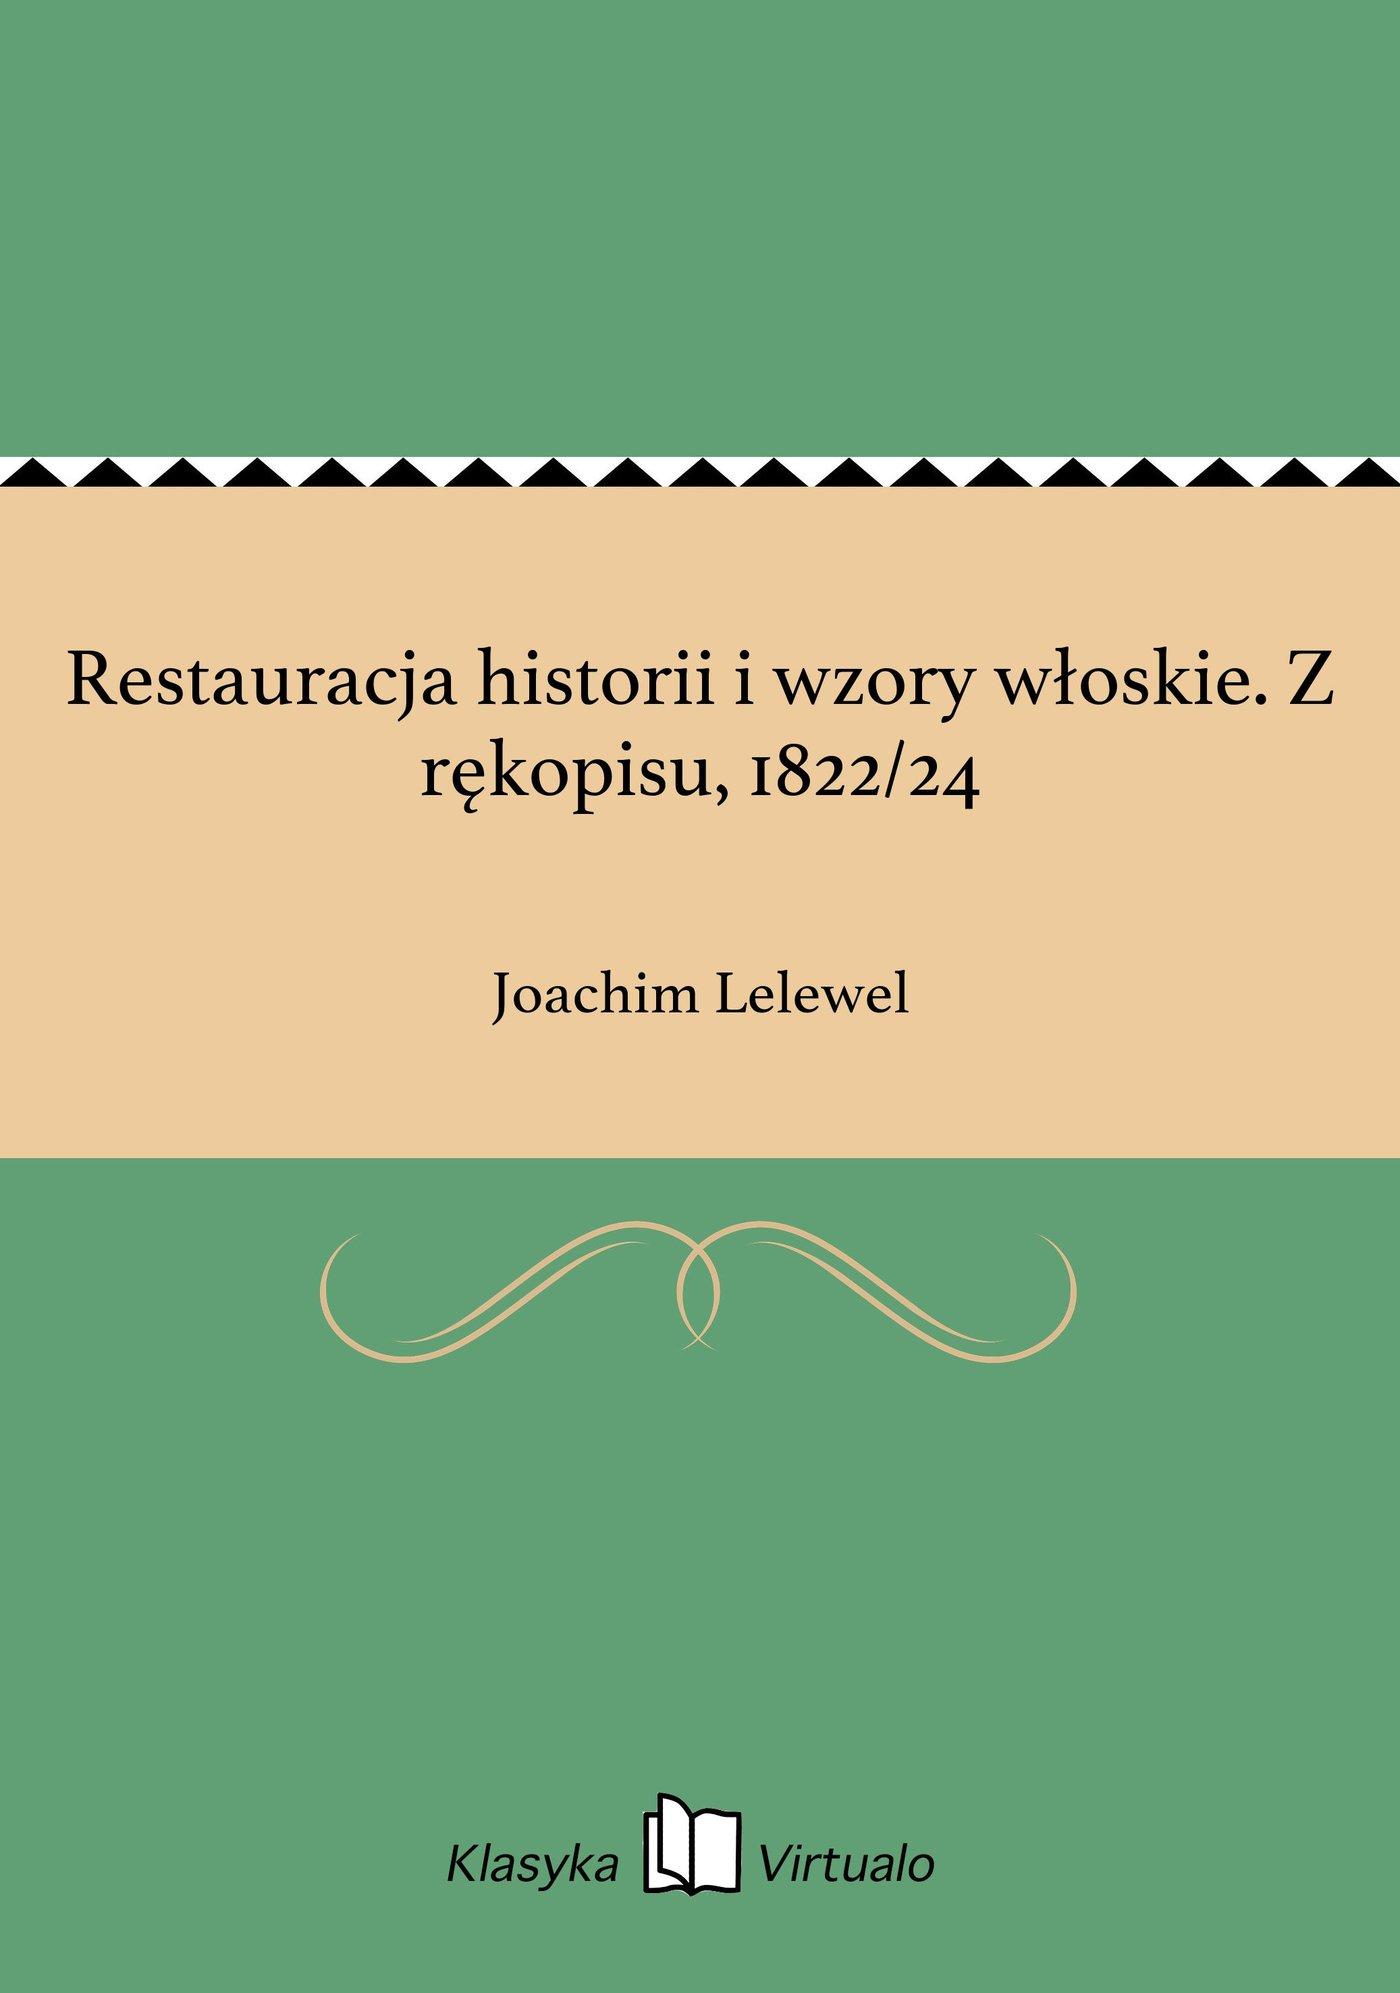 Restauracja historii i wzory włoskie. Z rękopisu, 1822/24 - Ebook (Książka EPUB) do pobrania w formacie EPUB